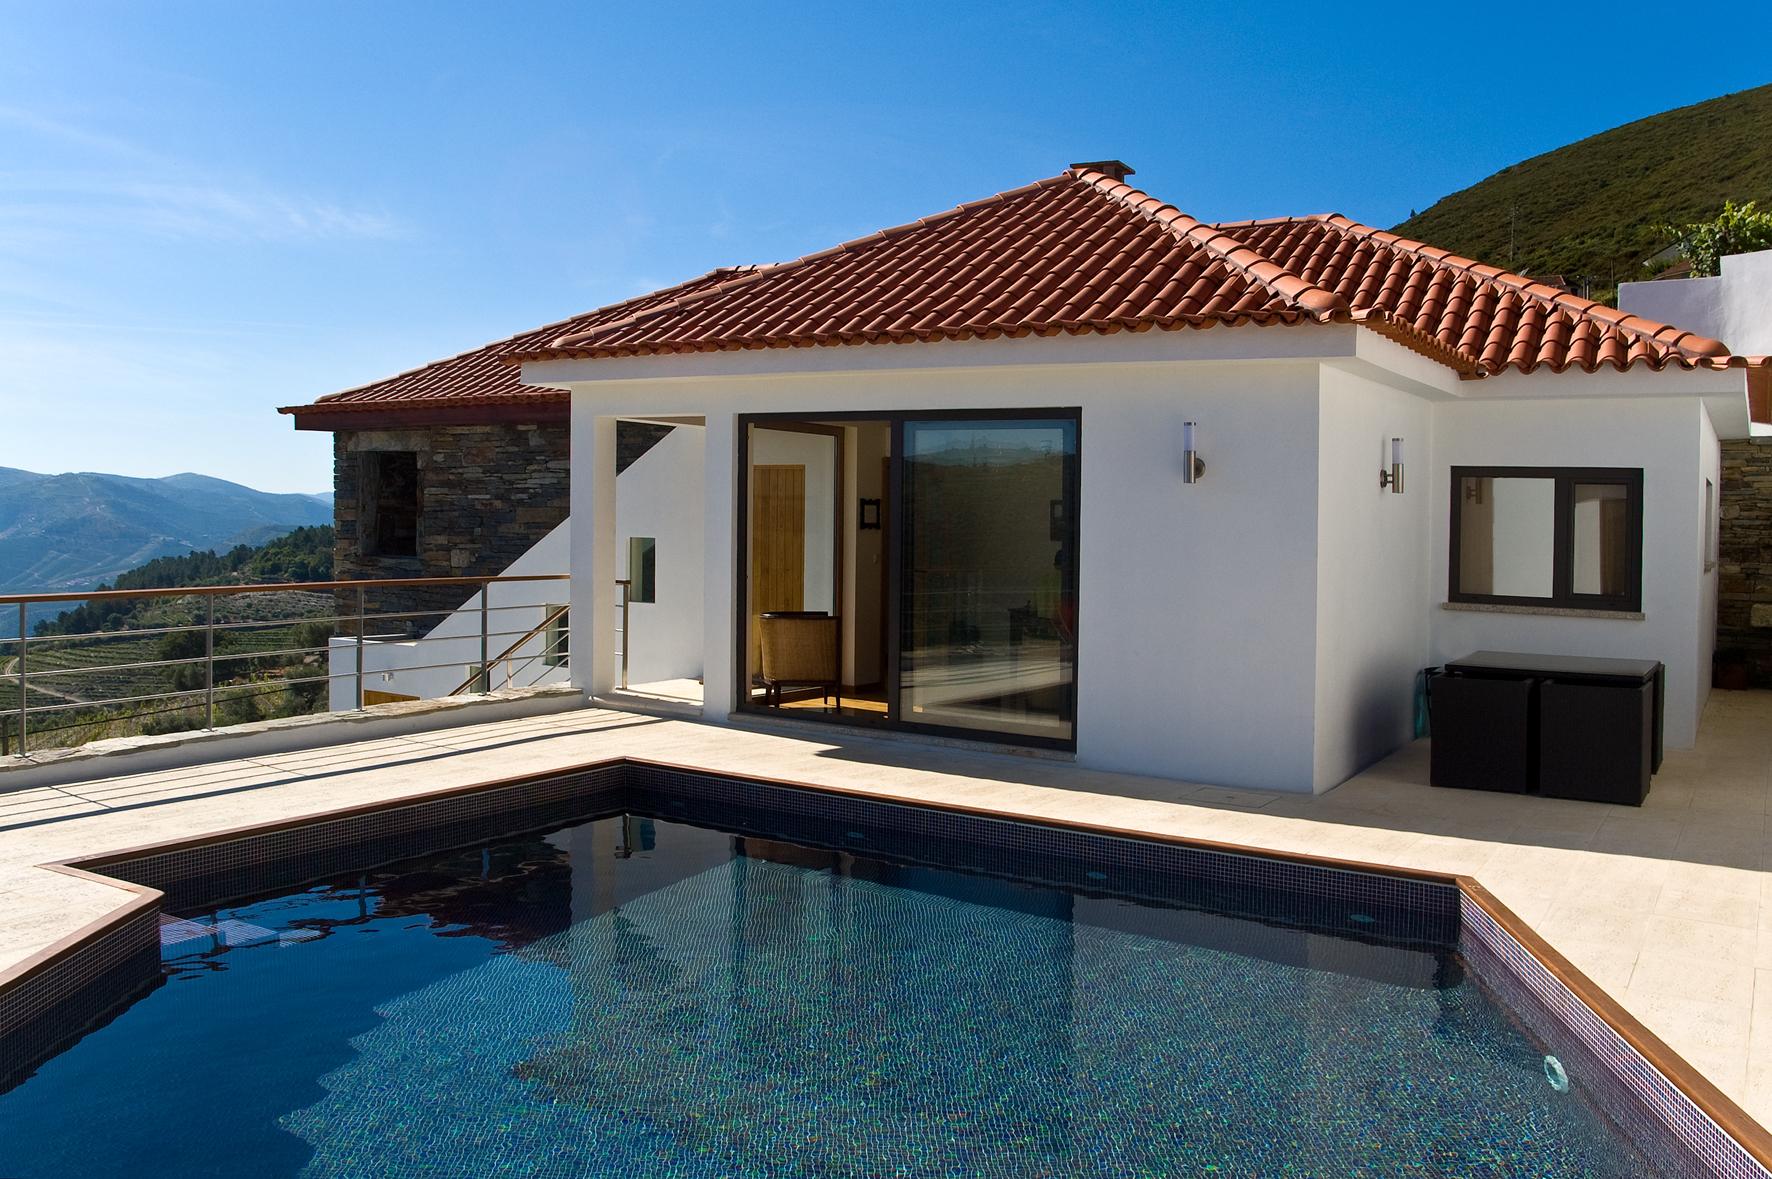 Location villa gouvaes 6 personnes spv610 ve303 - Location maison piscine portugal ...